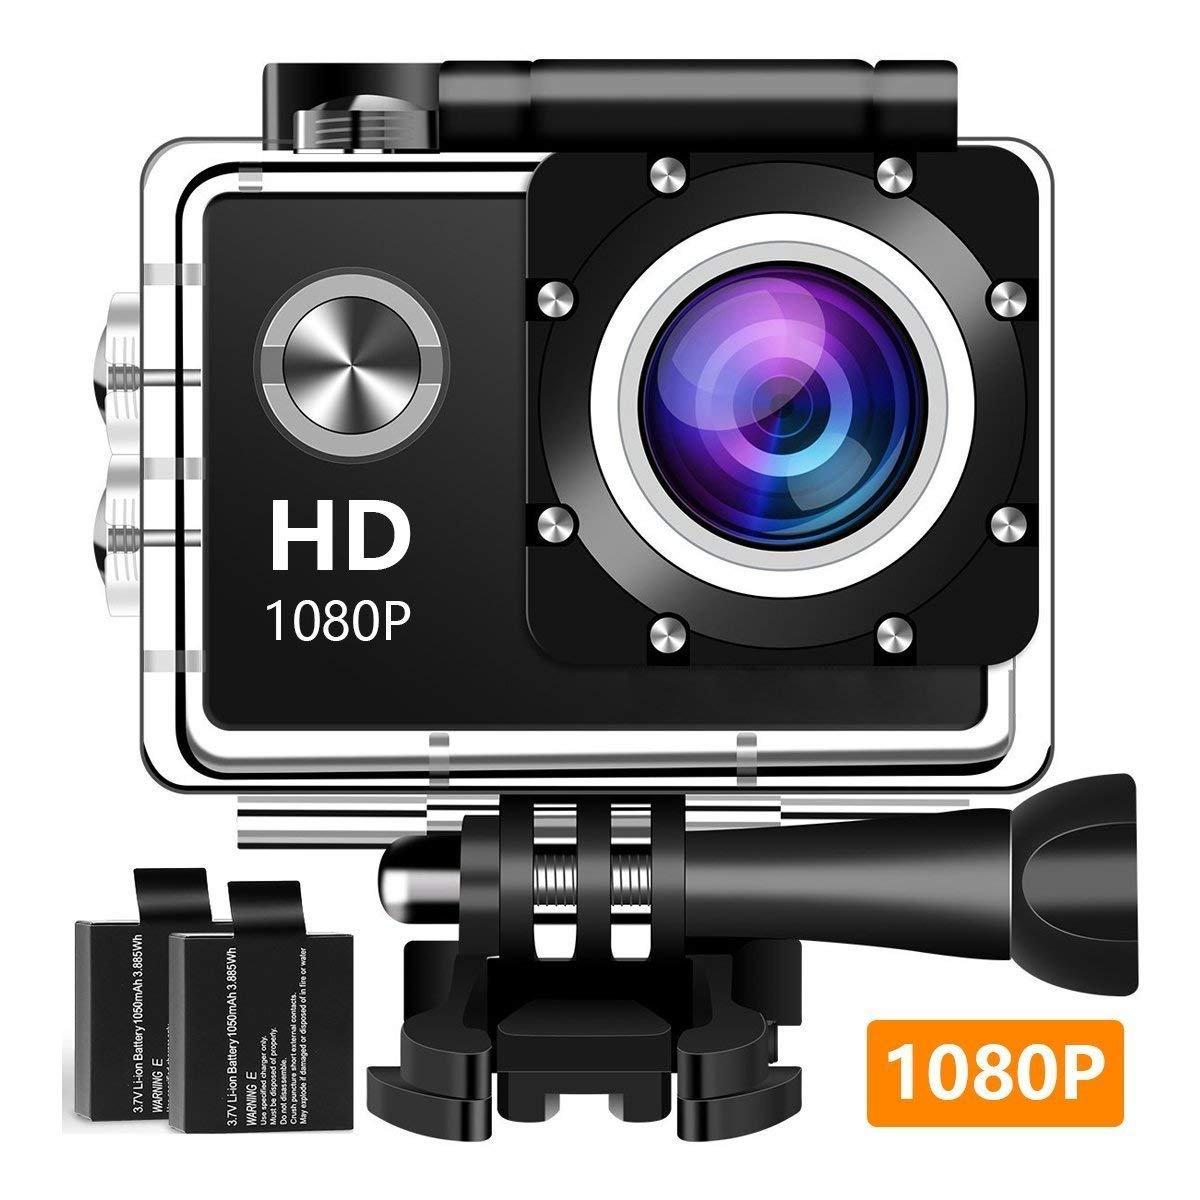 アクションカメラ、12 MP 1080 P 2インチLCDスクリーン、防水モーションカム120度広角レンズ、30 mモーションカメラ2つの充電式バッテリーとマウントキット1080 T 04を搭載